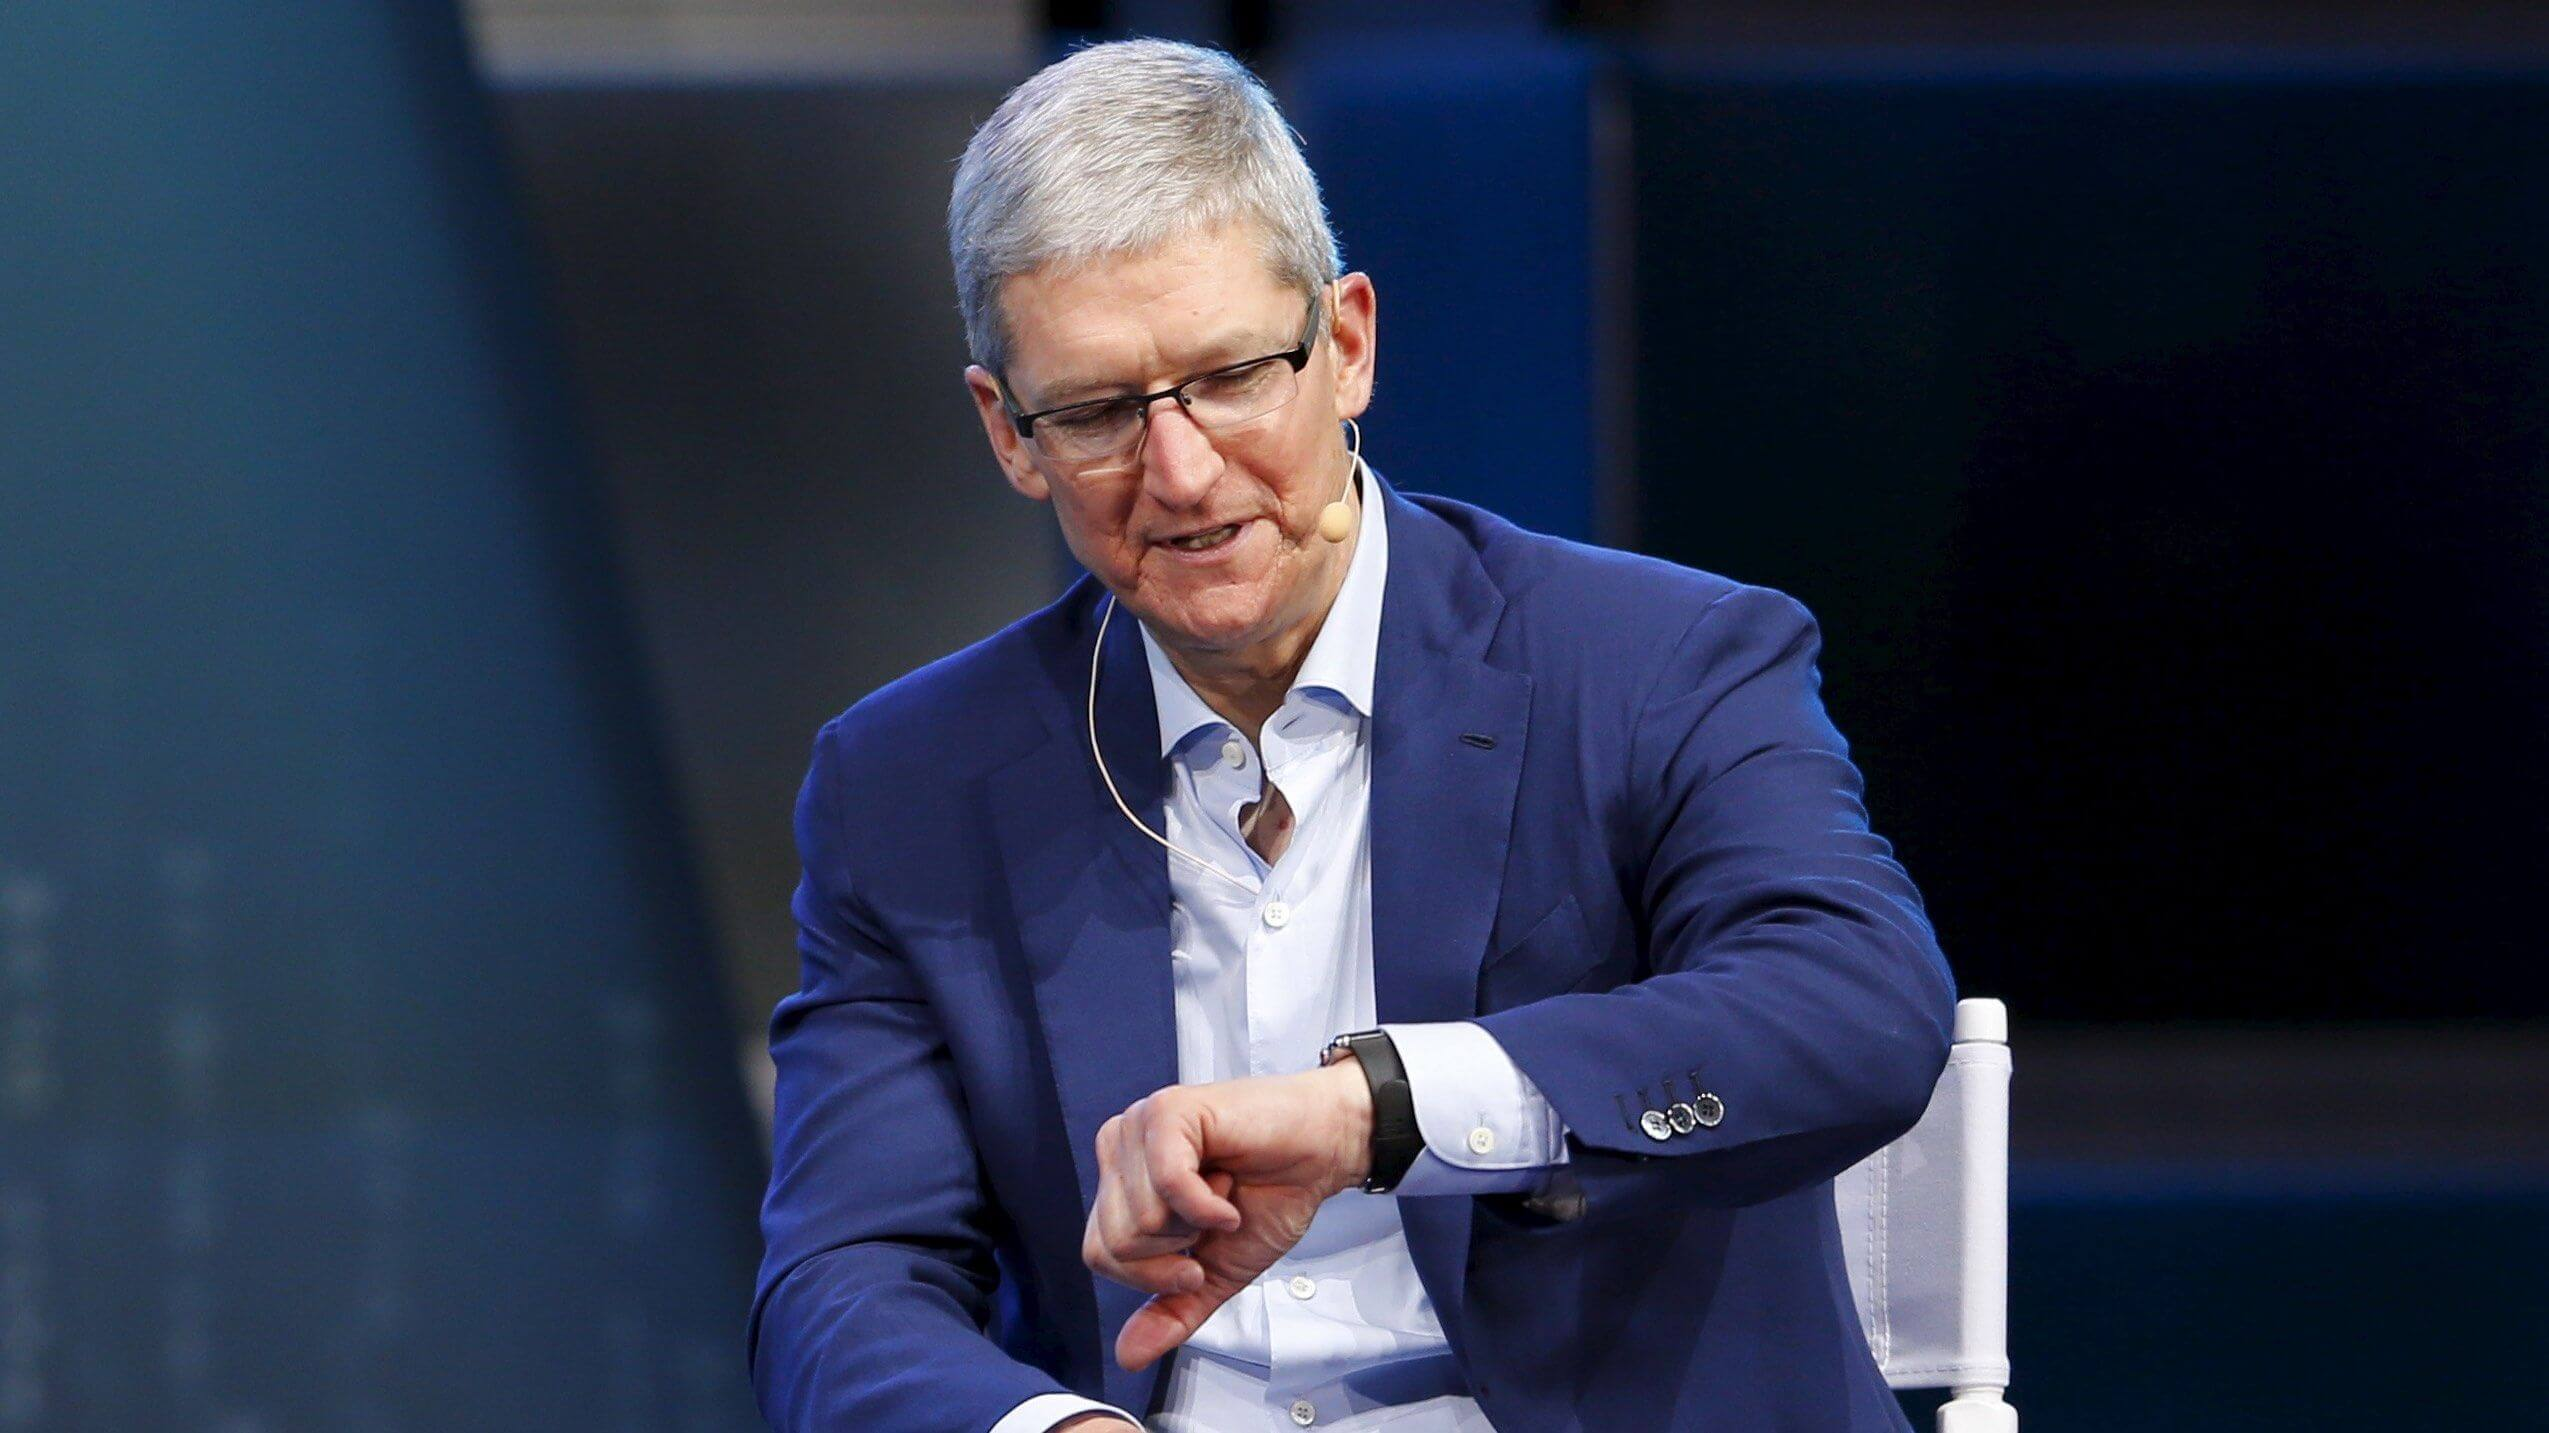 Разработчик объяснил отсутствие классных приложений для Apple Watch